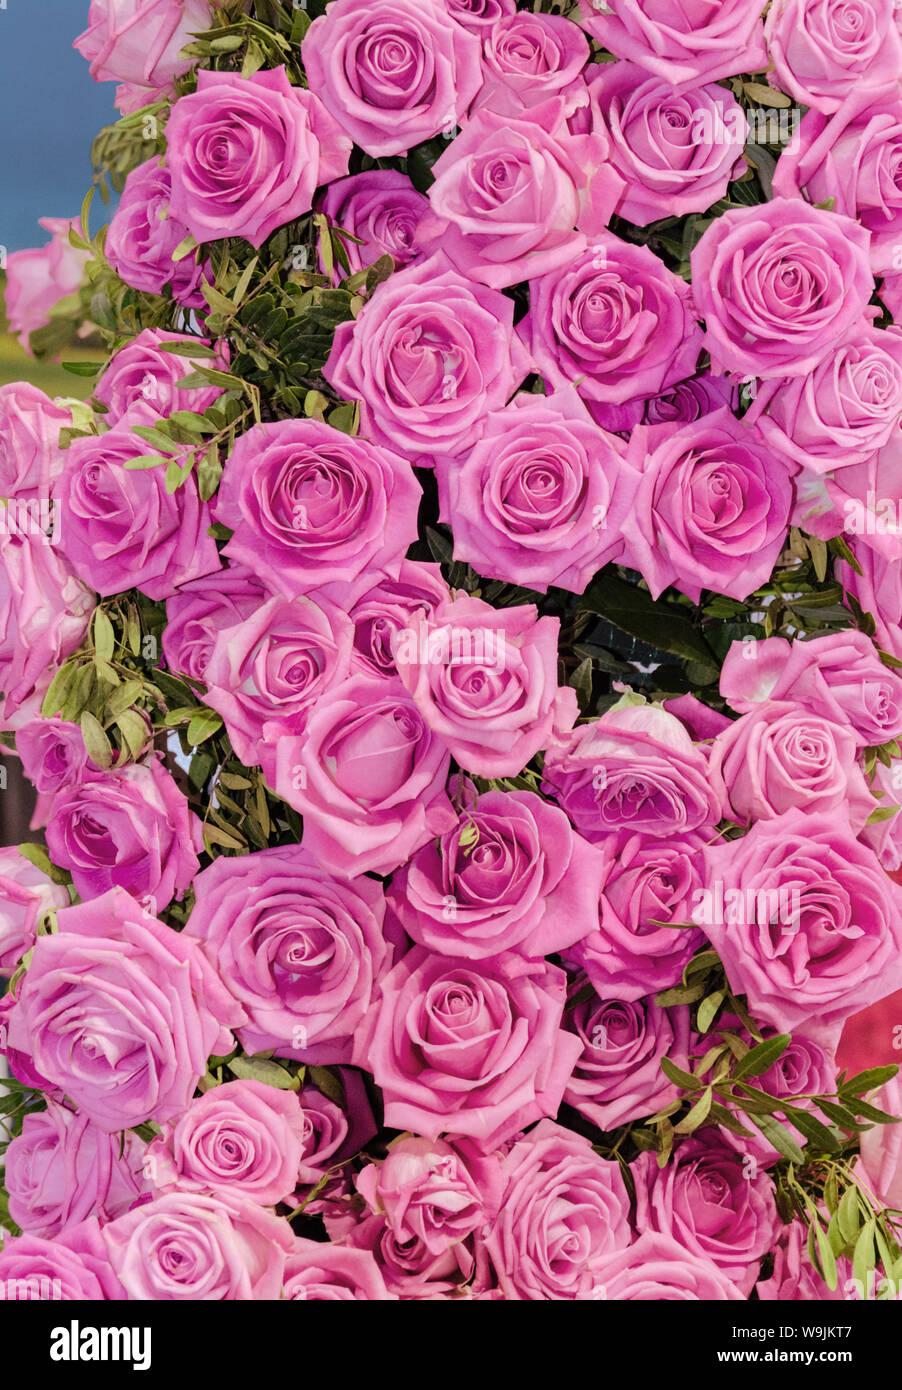 Decor De Roses Naturelles Un Beau Bouquet De Roses Pour Les